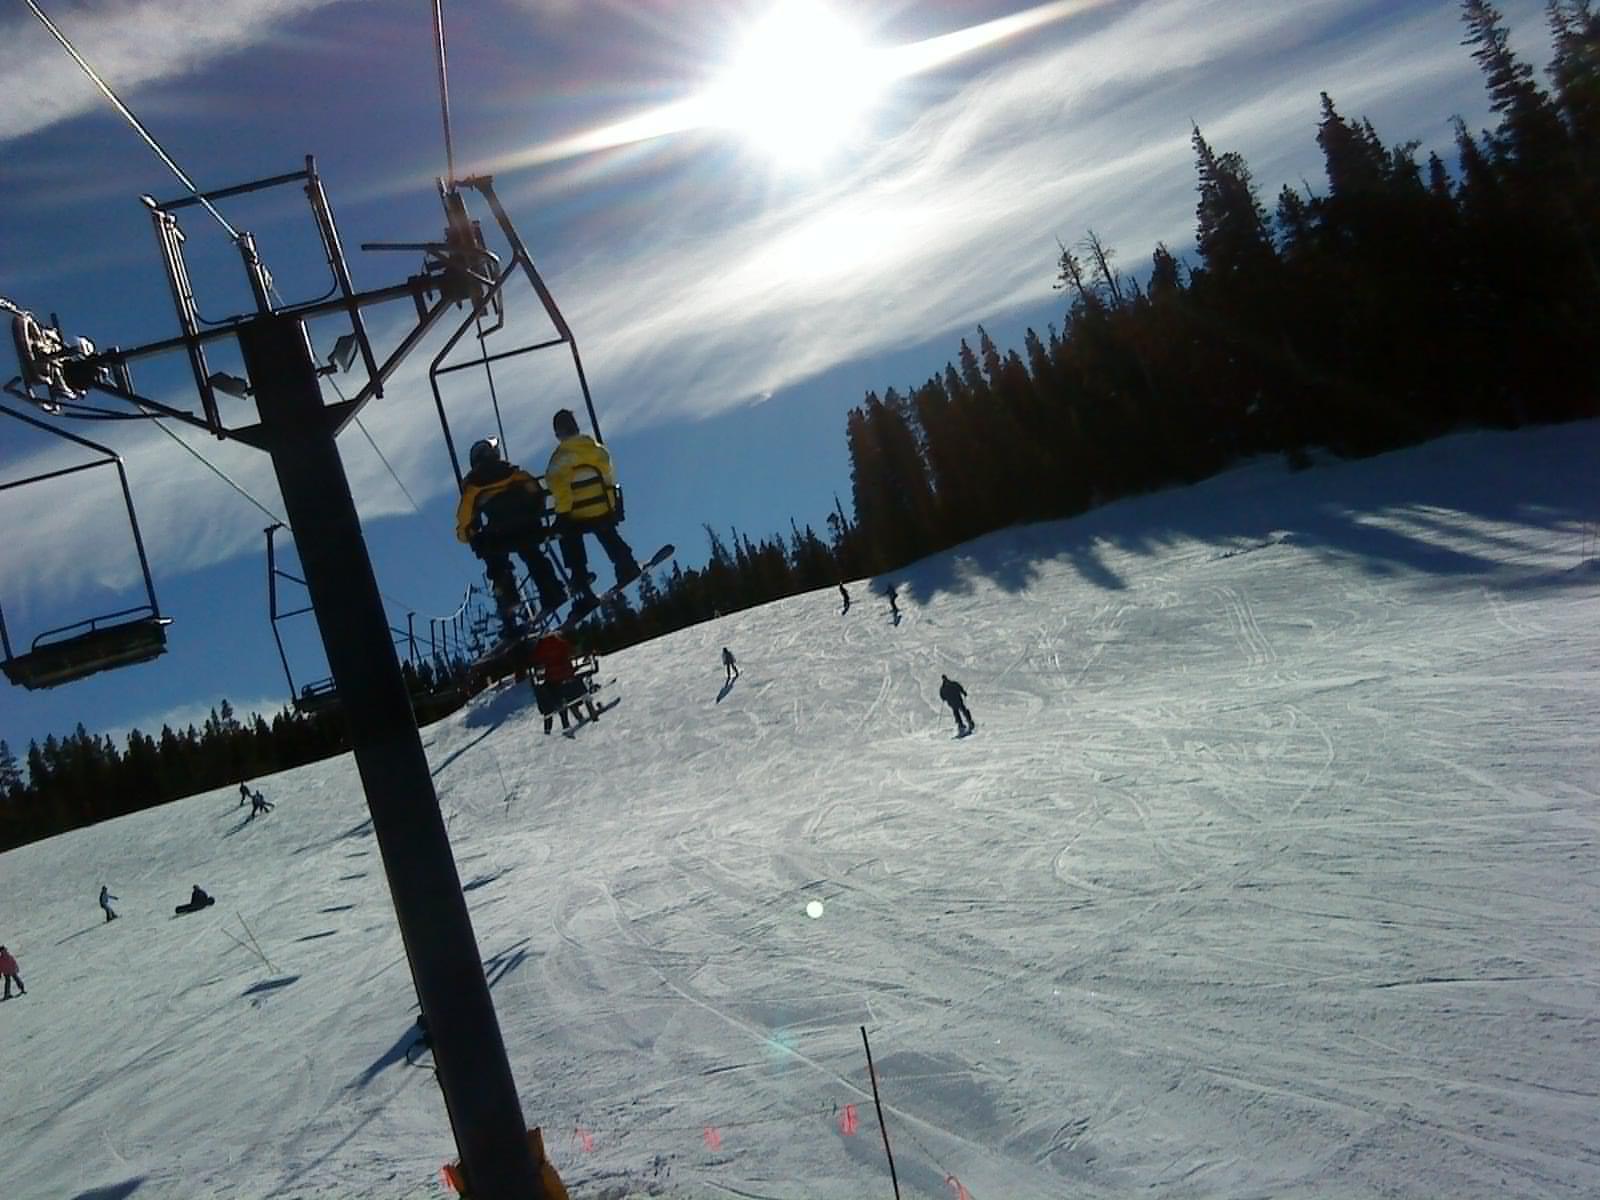 Eldora Ski Resort, Colorado